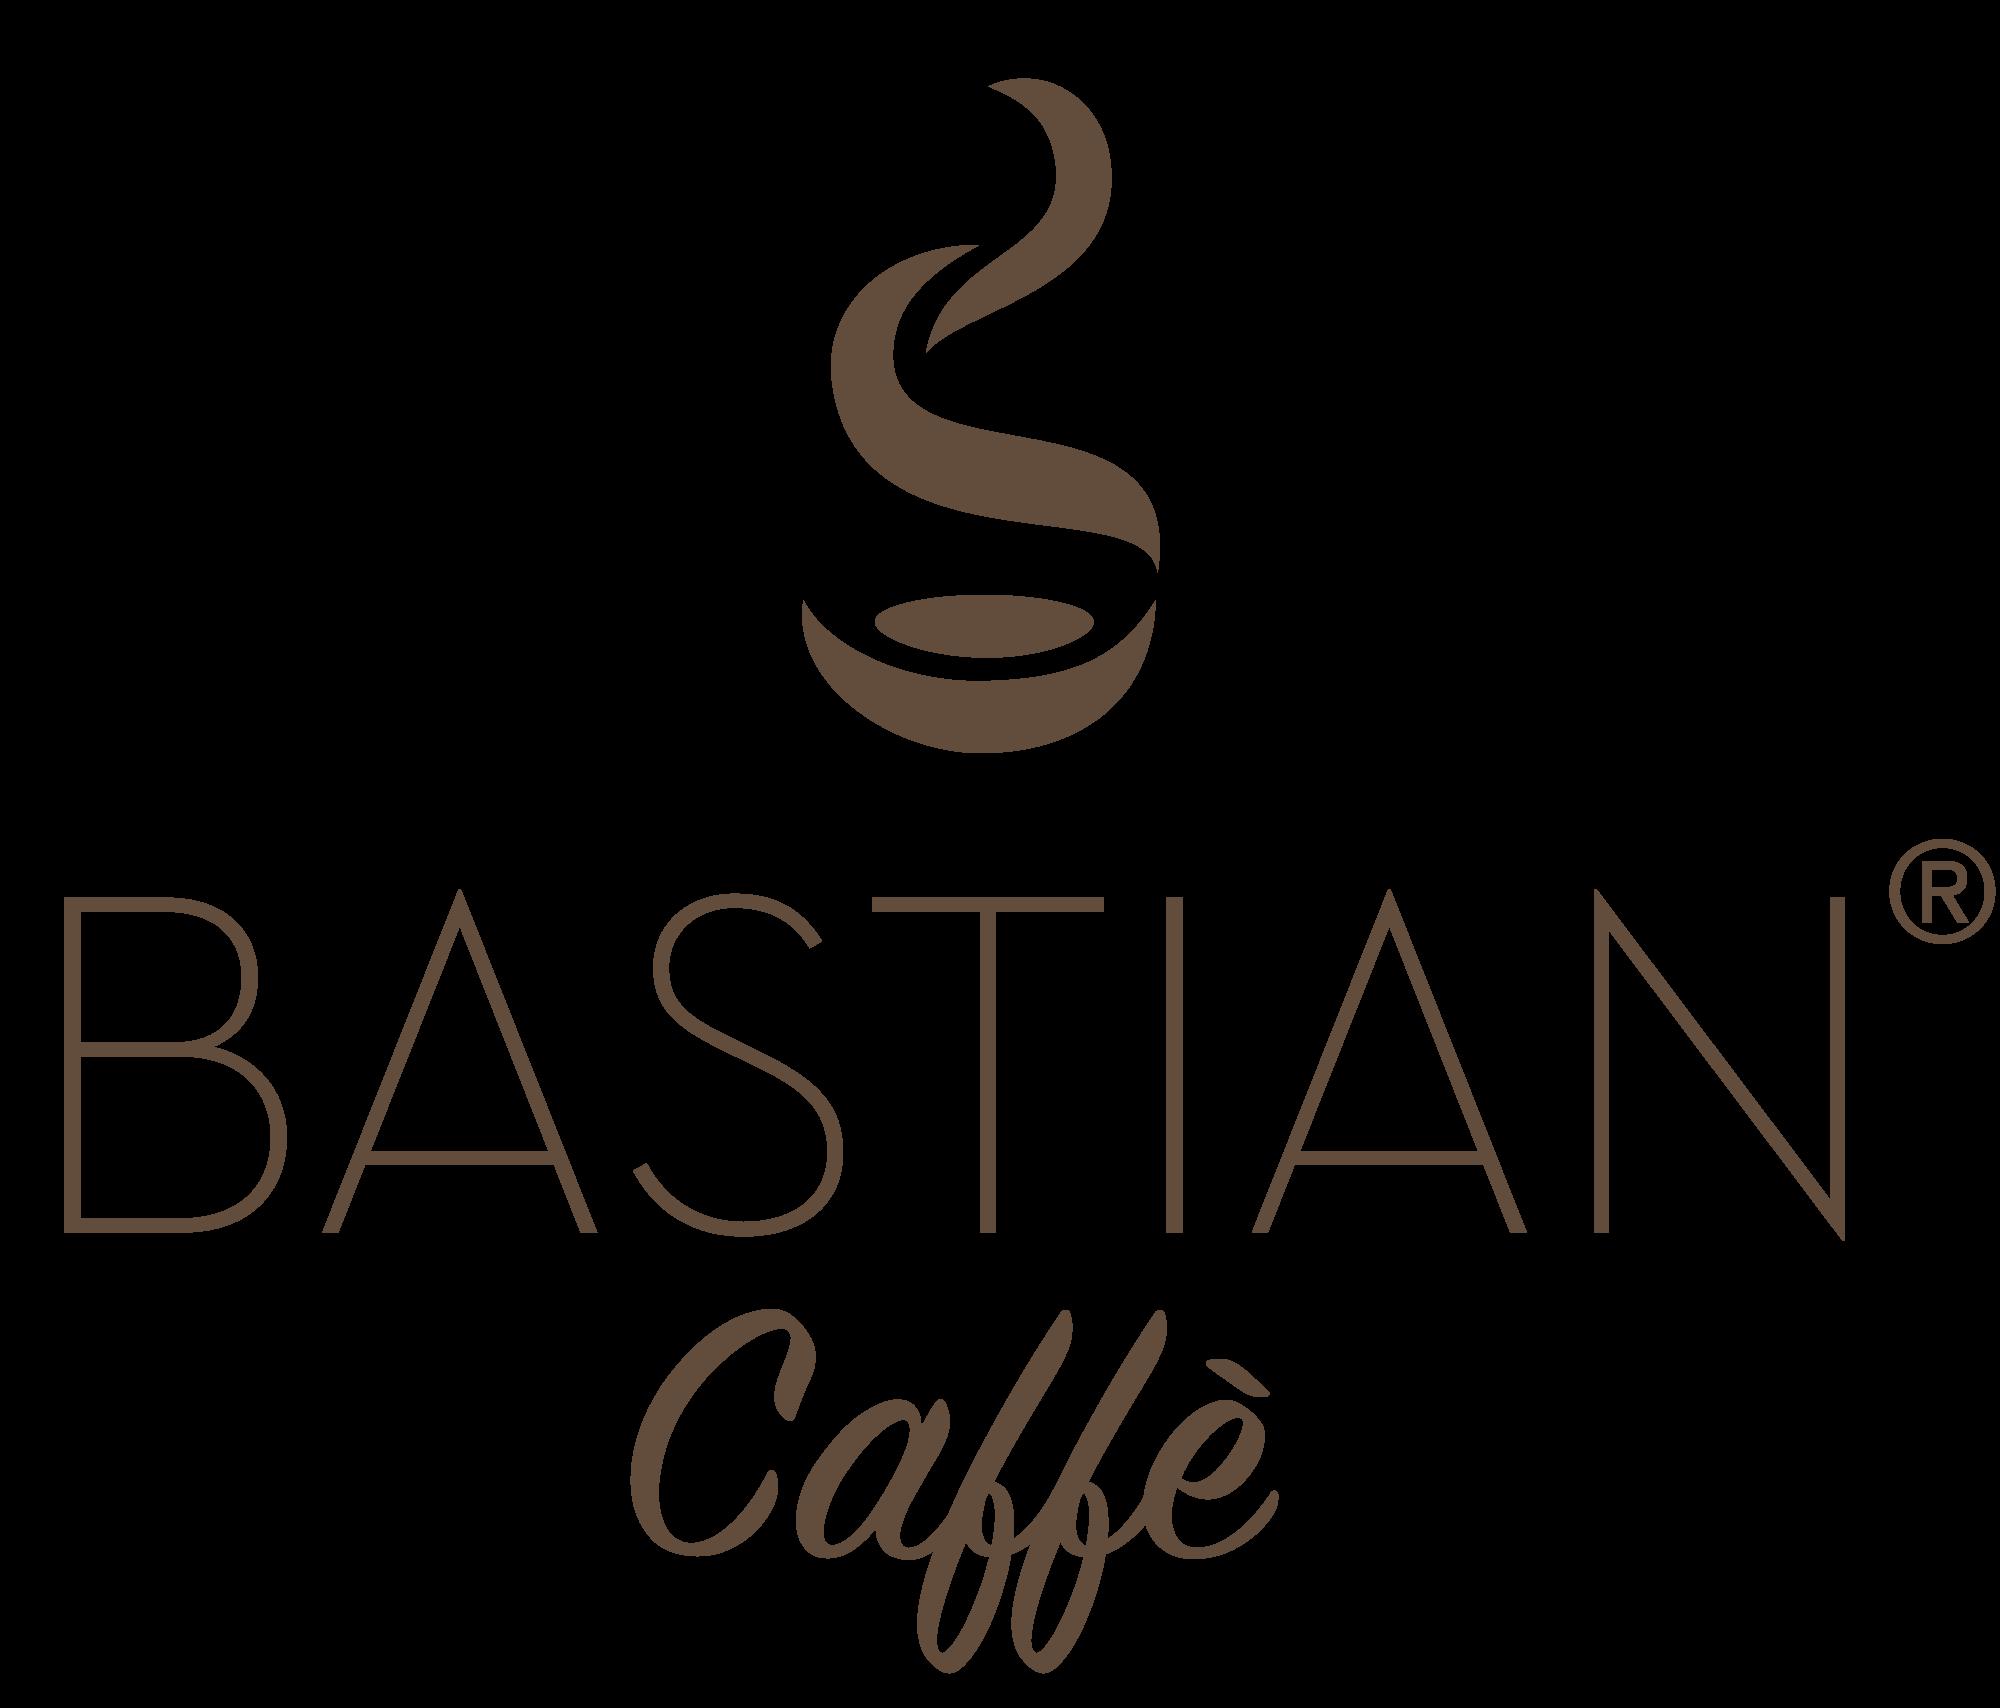 L'eccellenza italiana del caffè